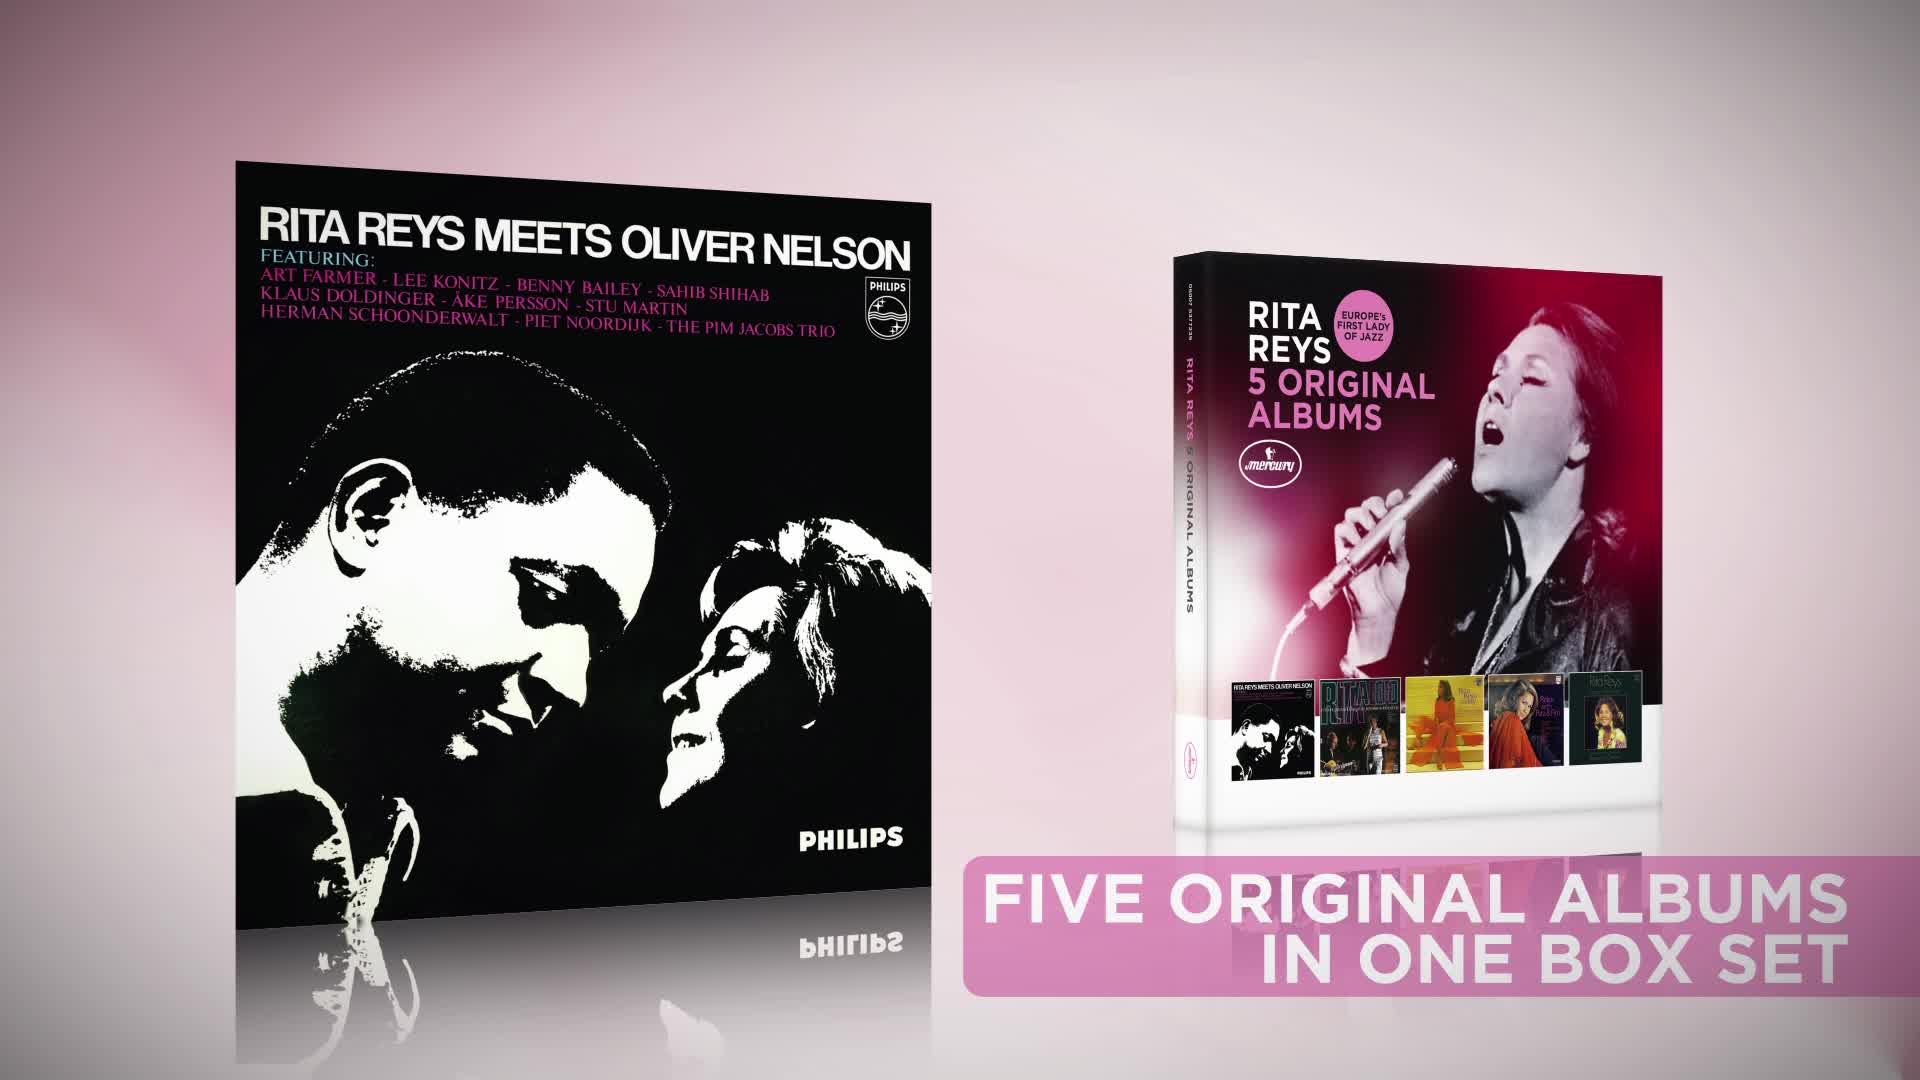 5 Original Albums, Rita Reys - 5 Original Albums